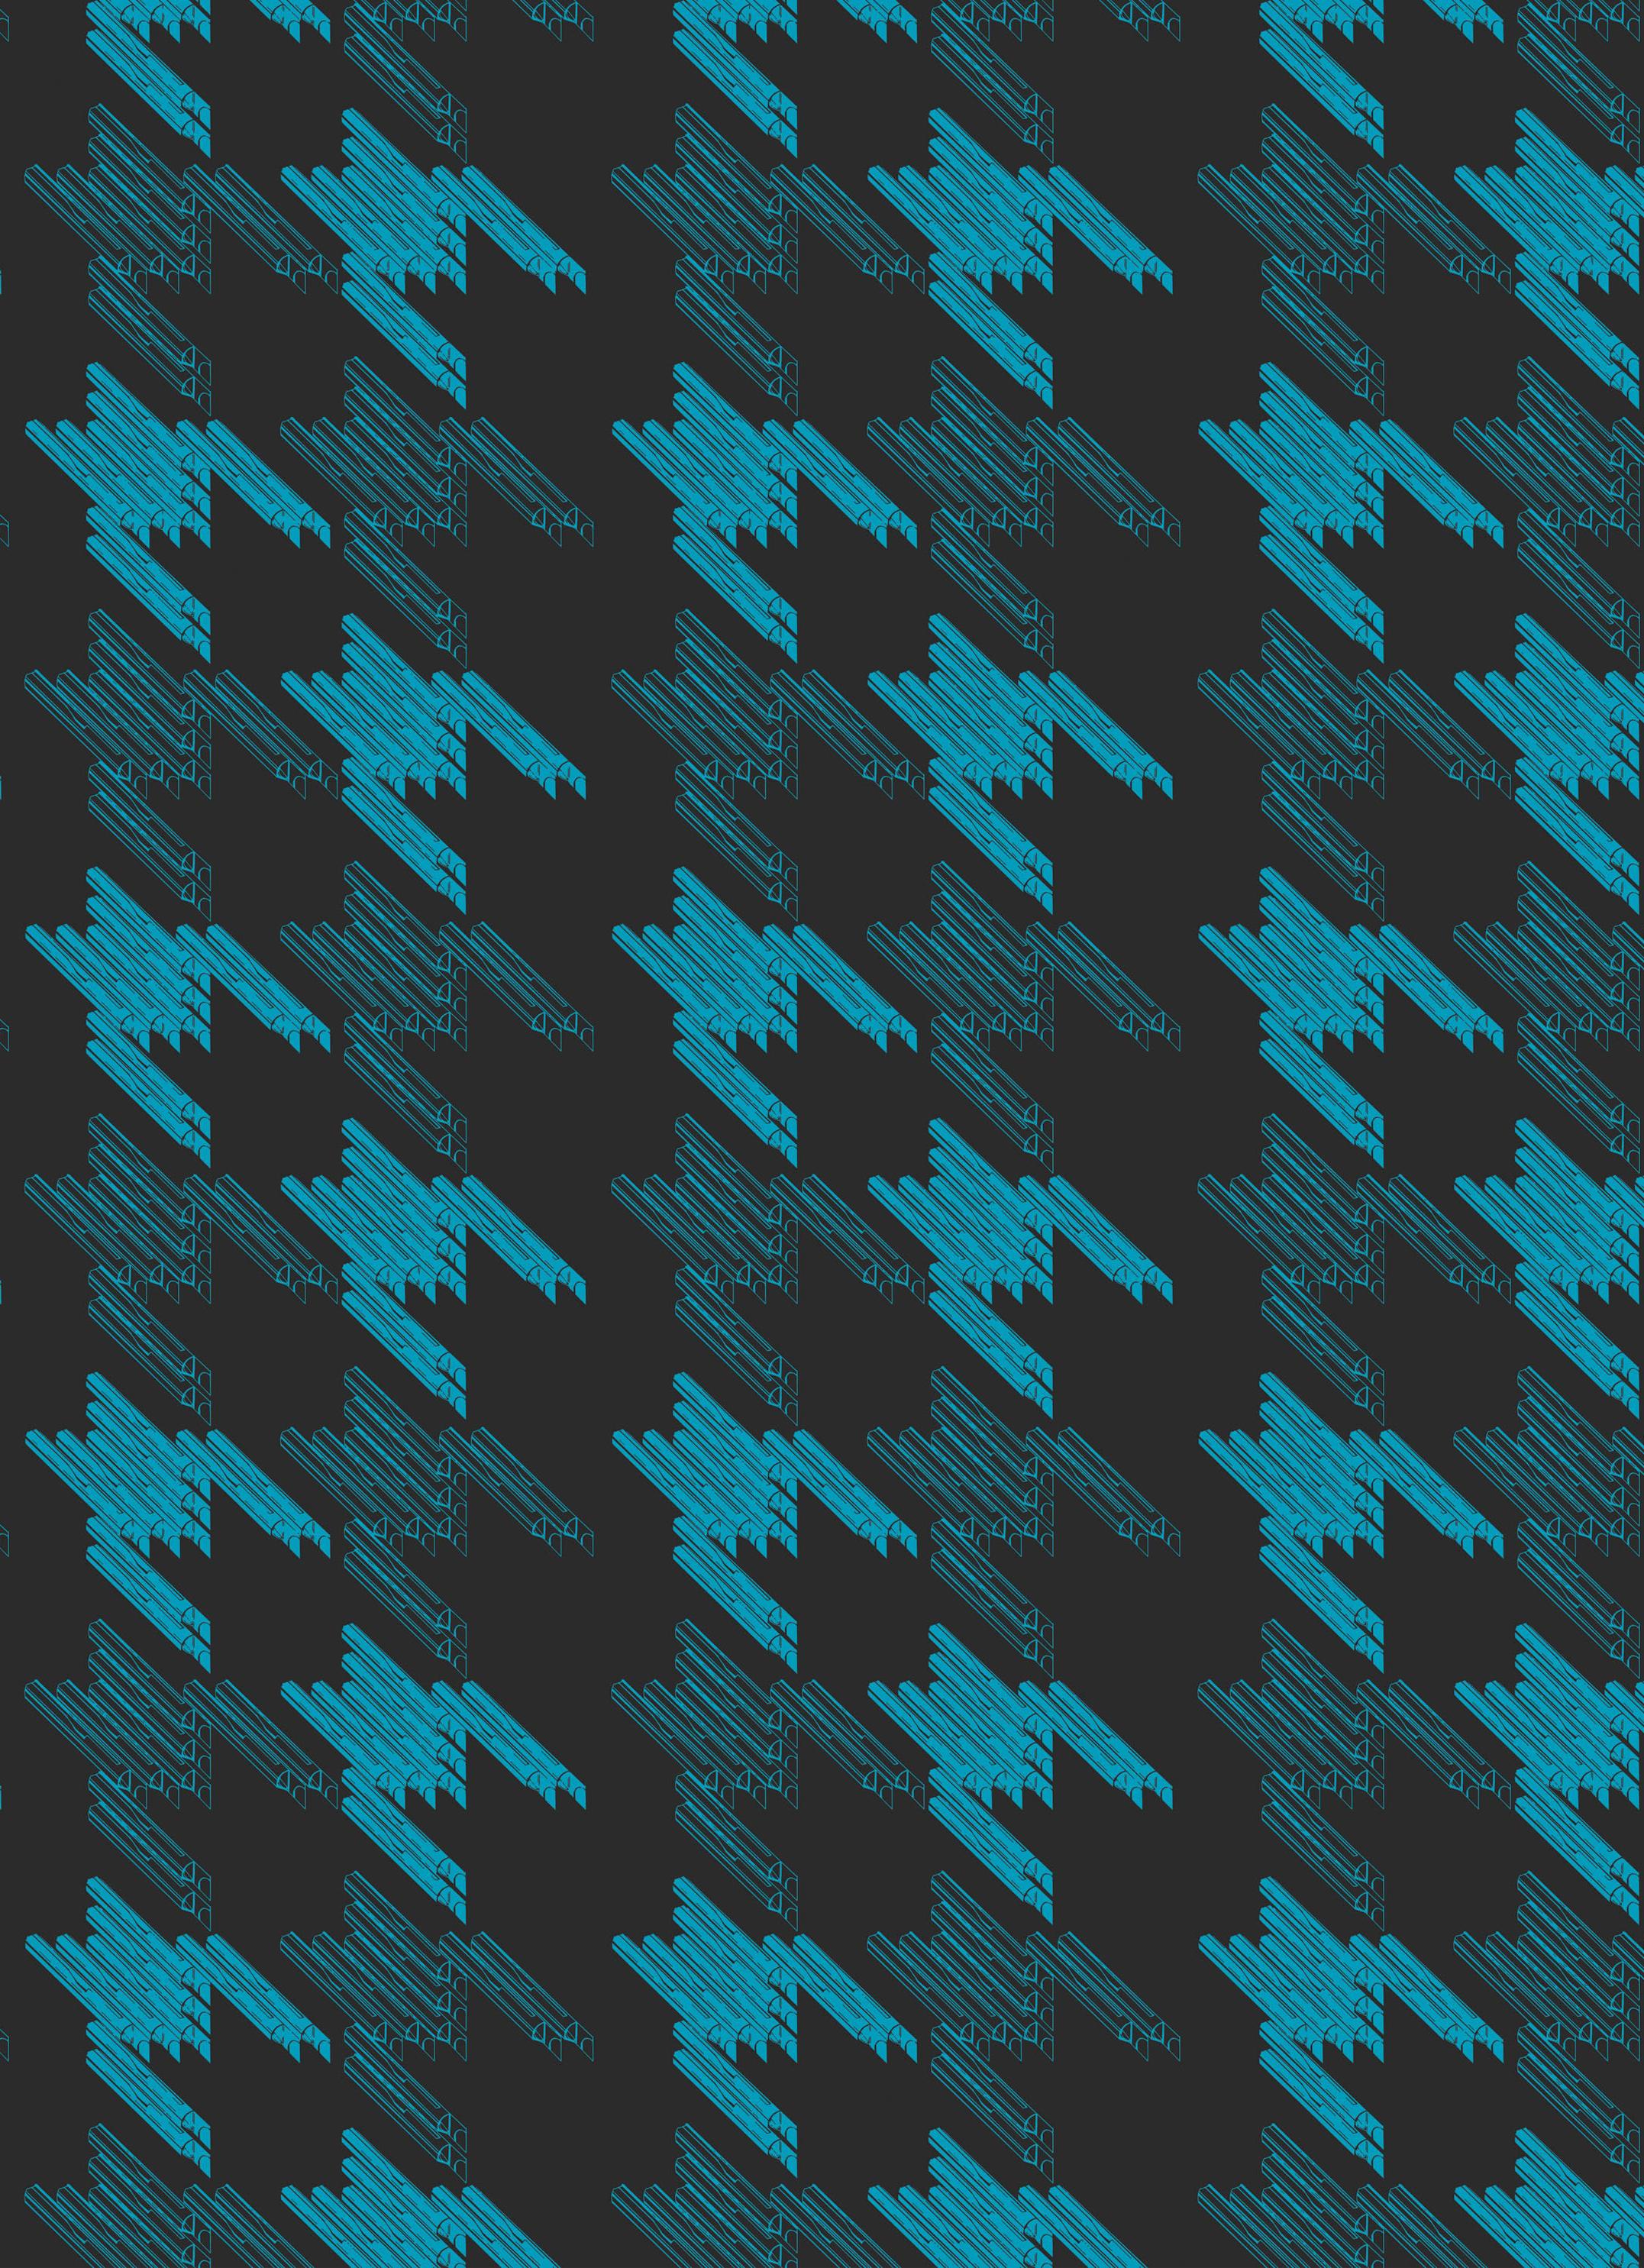 turquoise and black wallpaper wallpapersafari